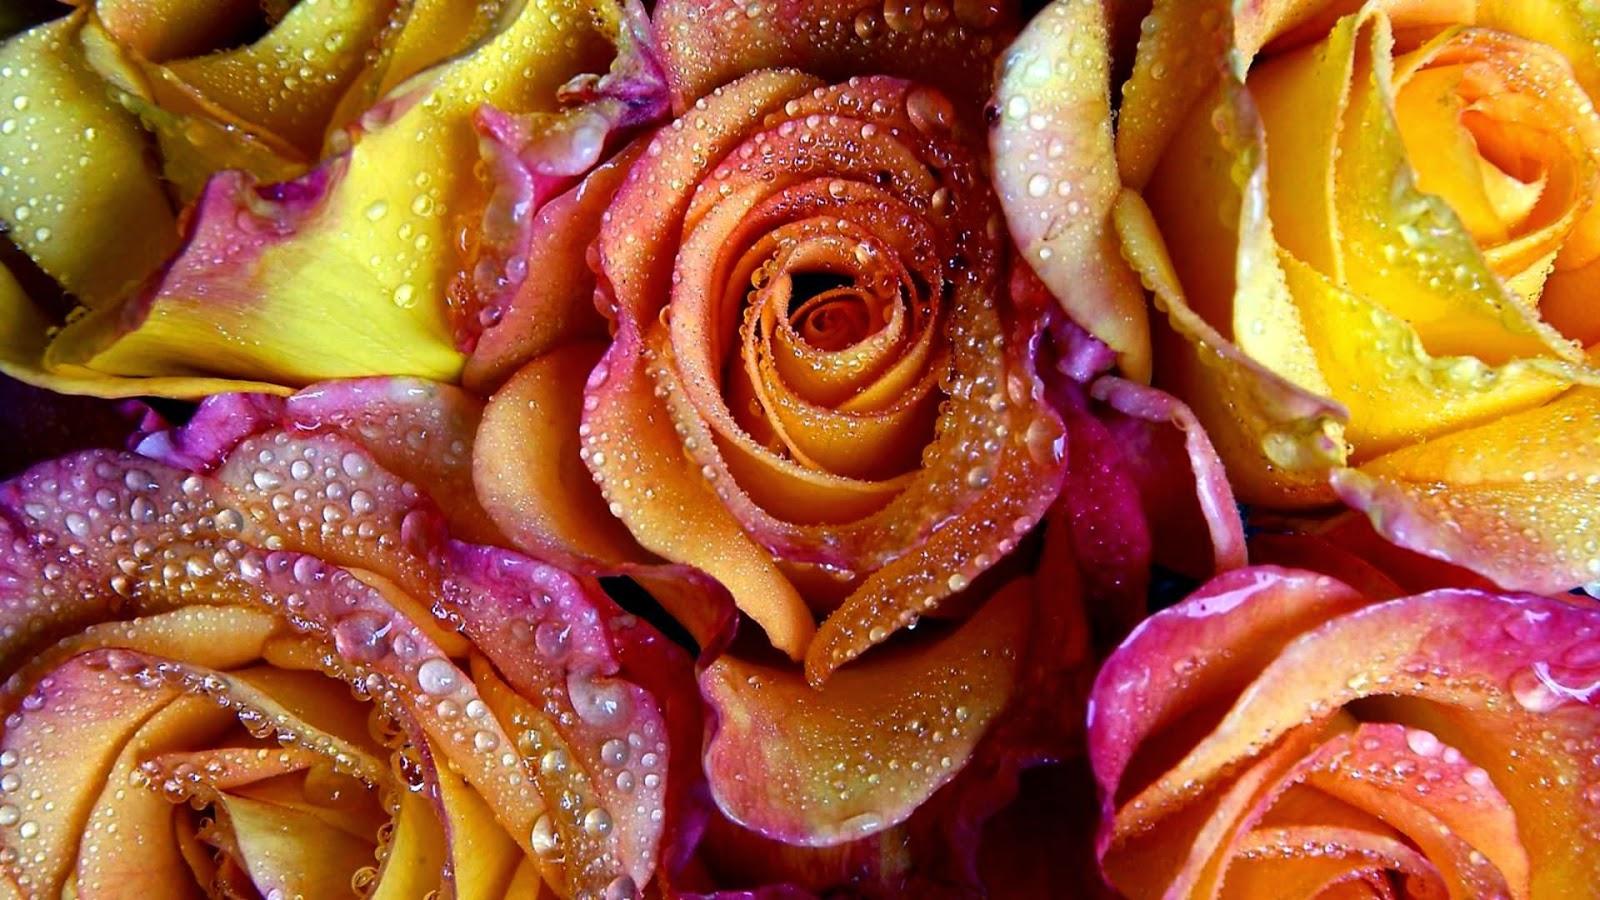 بالصور صور اجمل ورد , صور وقت تزهير الورد رائعة 3224 14